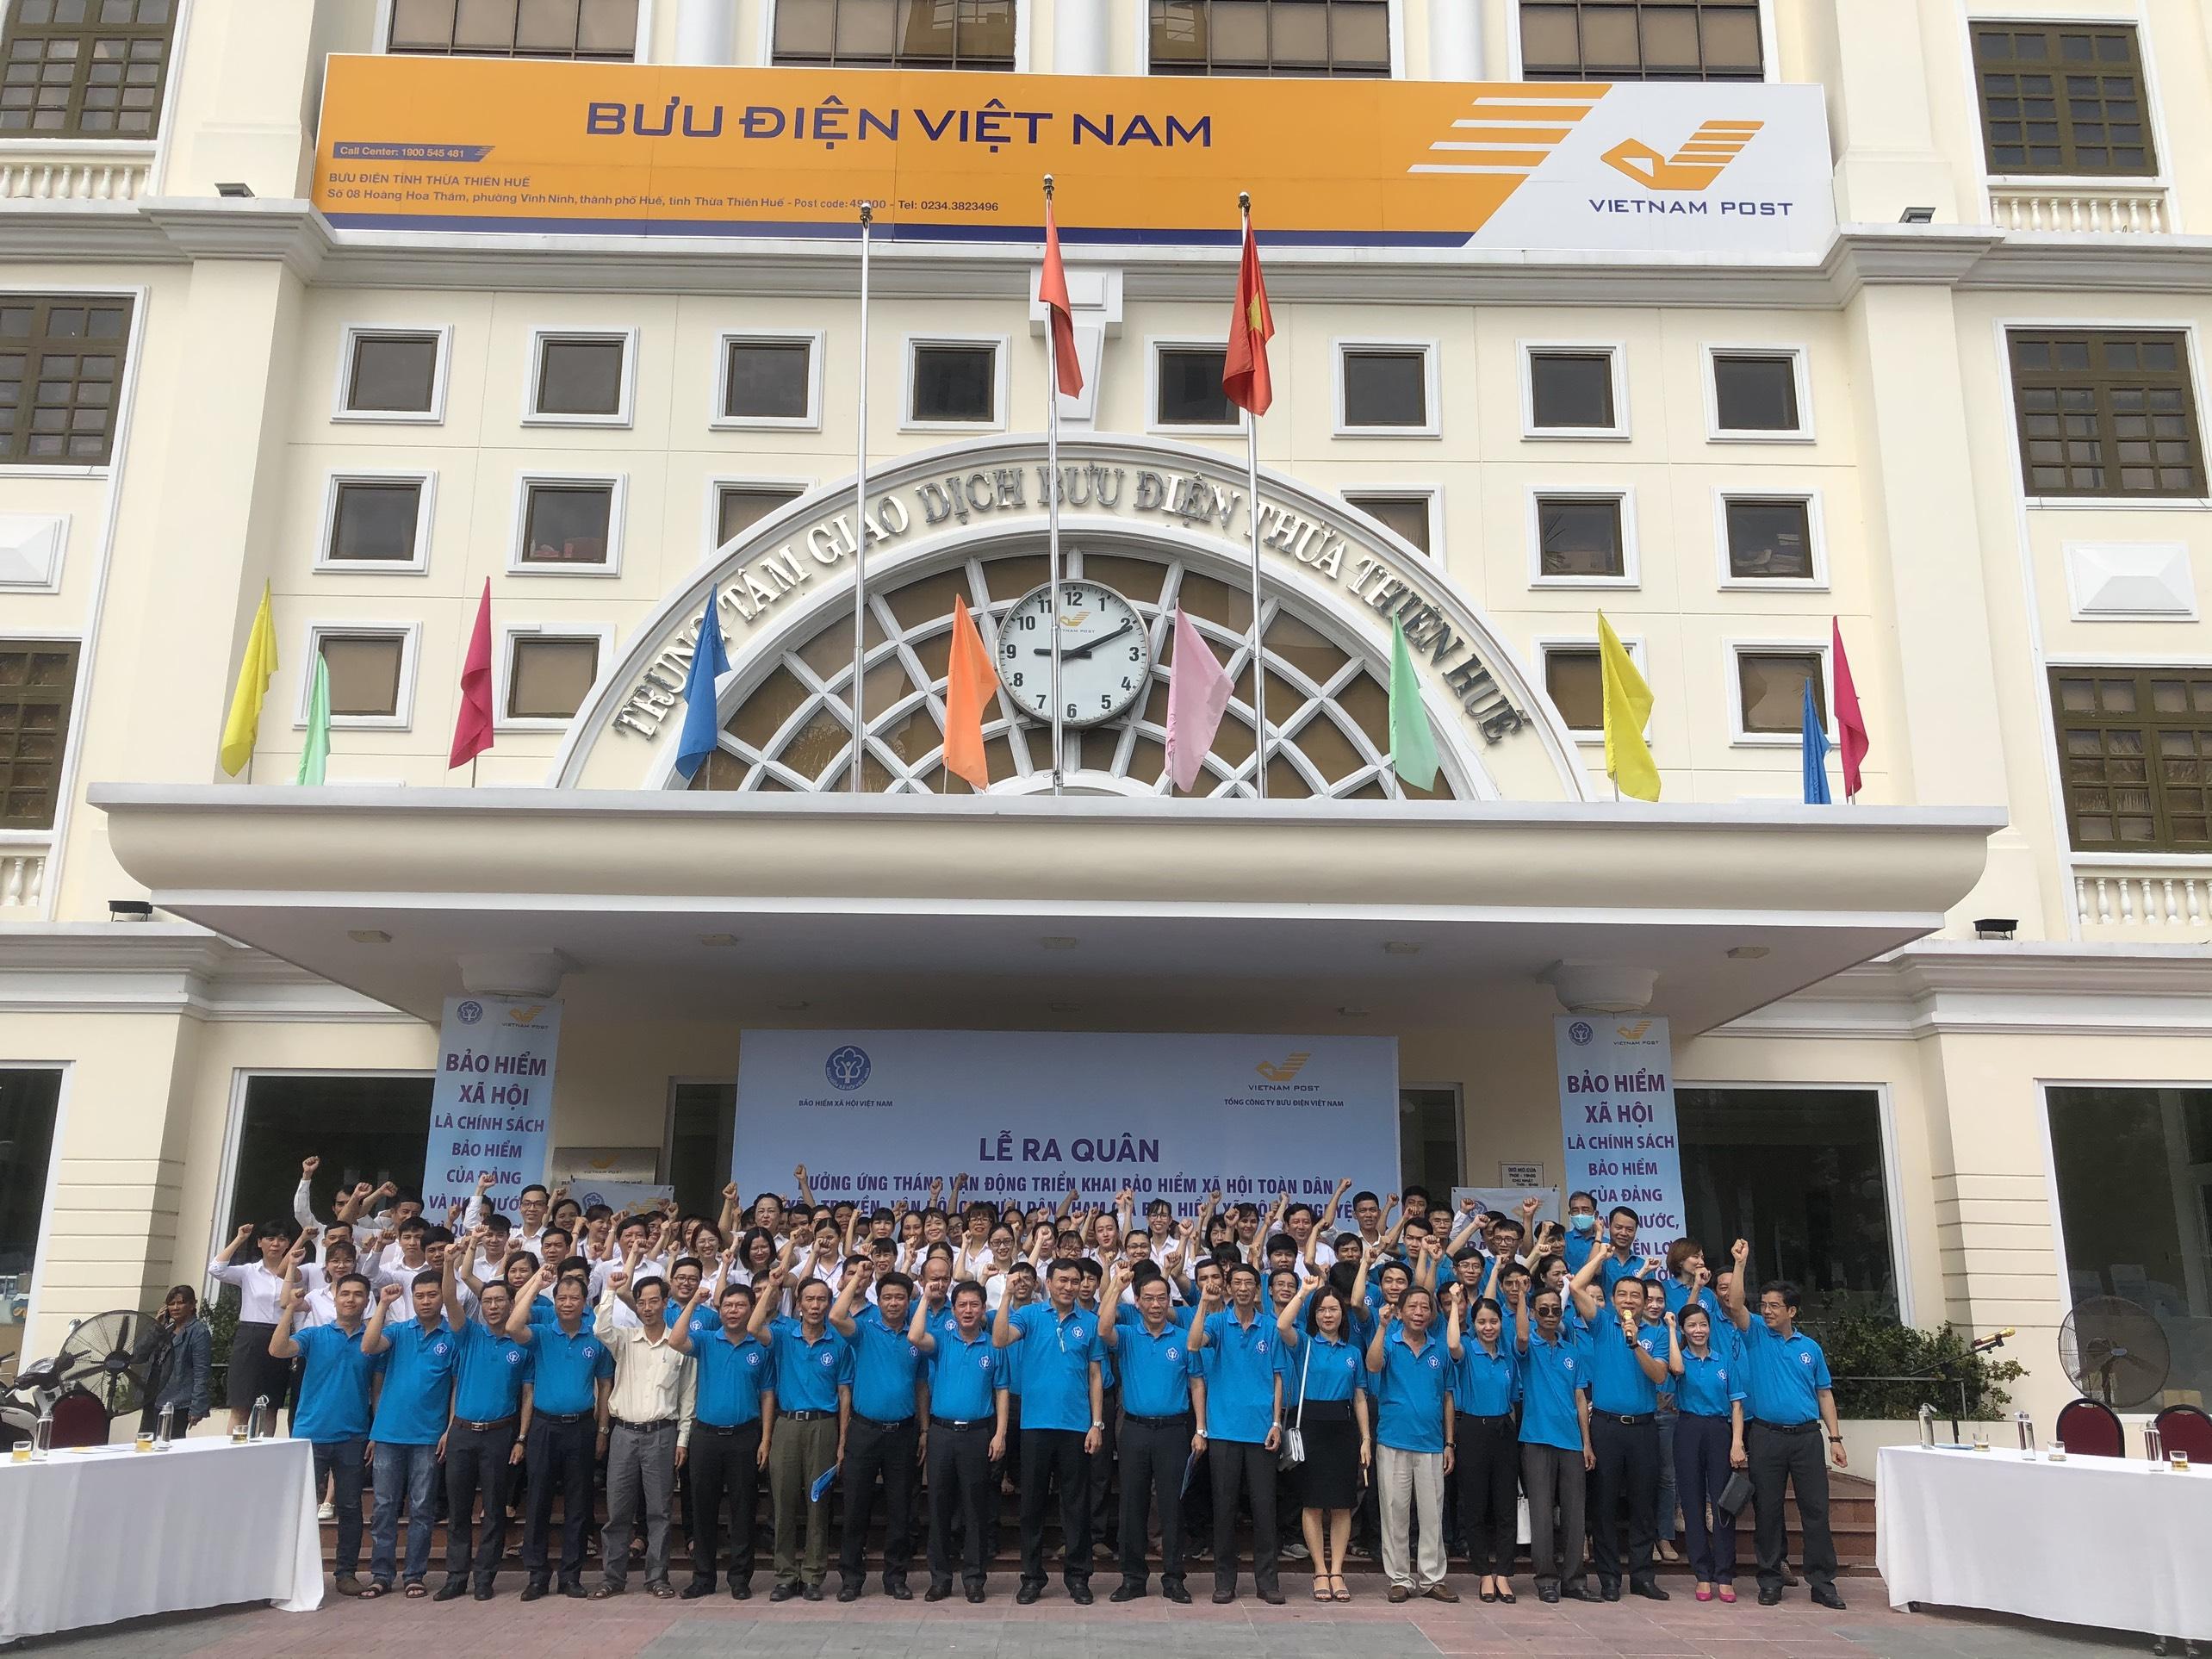 Lễ ra quân được tổ chức tại Bưu điện tỉnh Thừa Thiên Huế